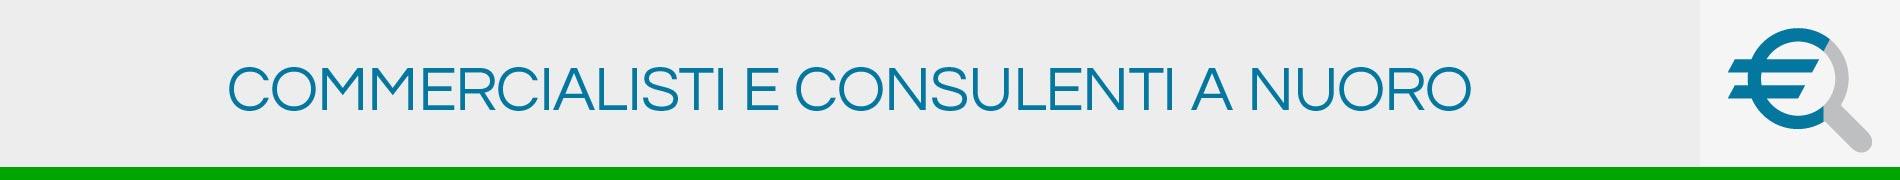 Commercialisti e Consulenti a Nuoro